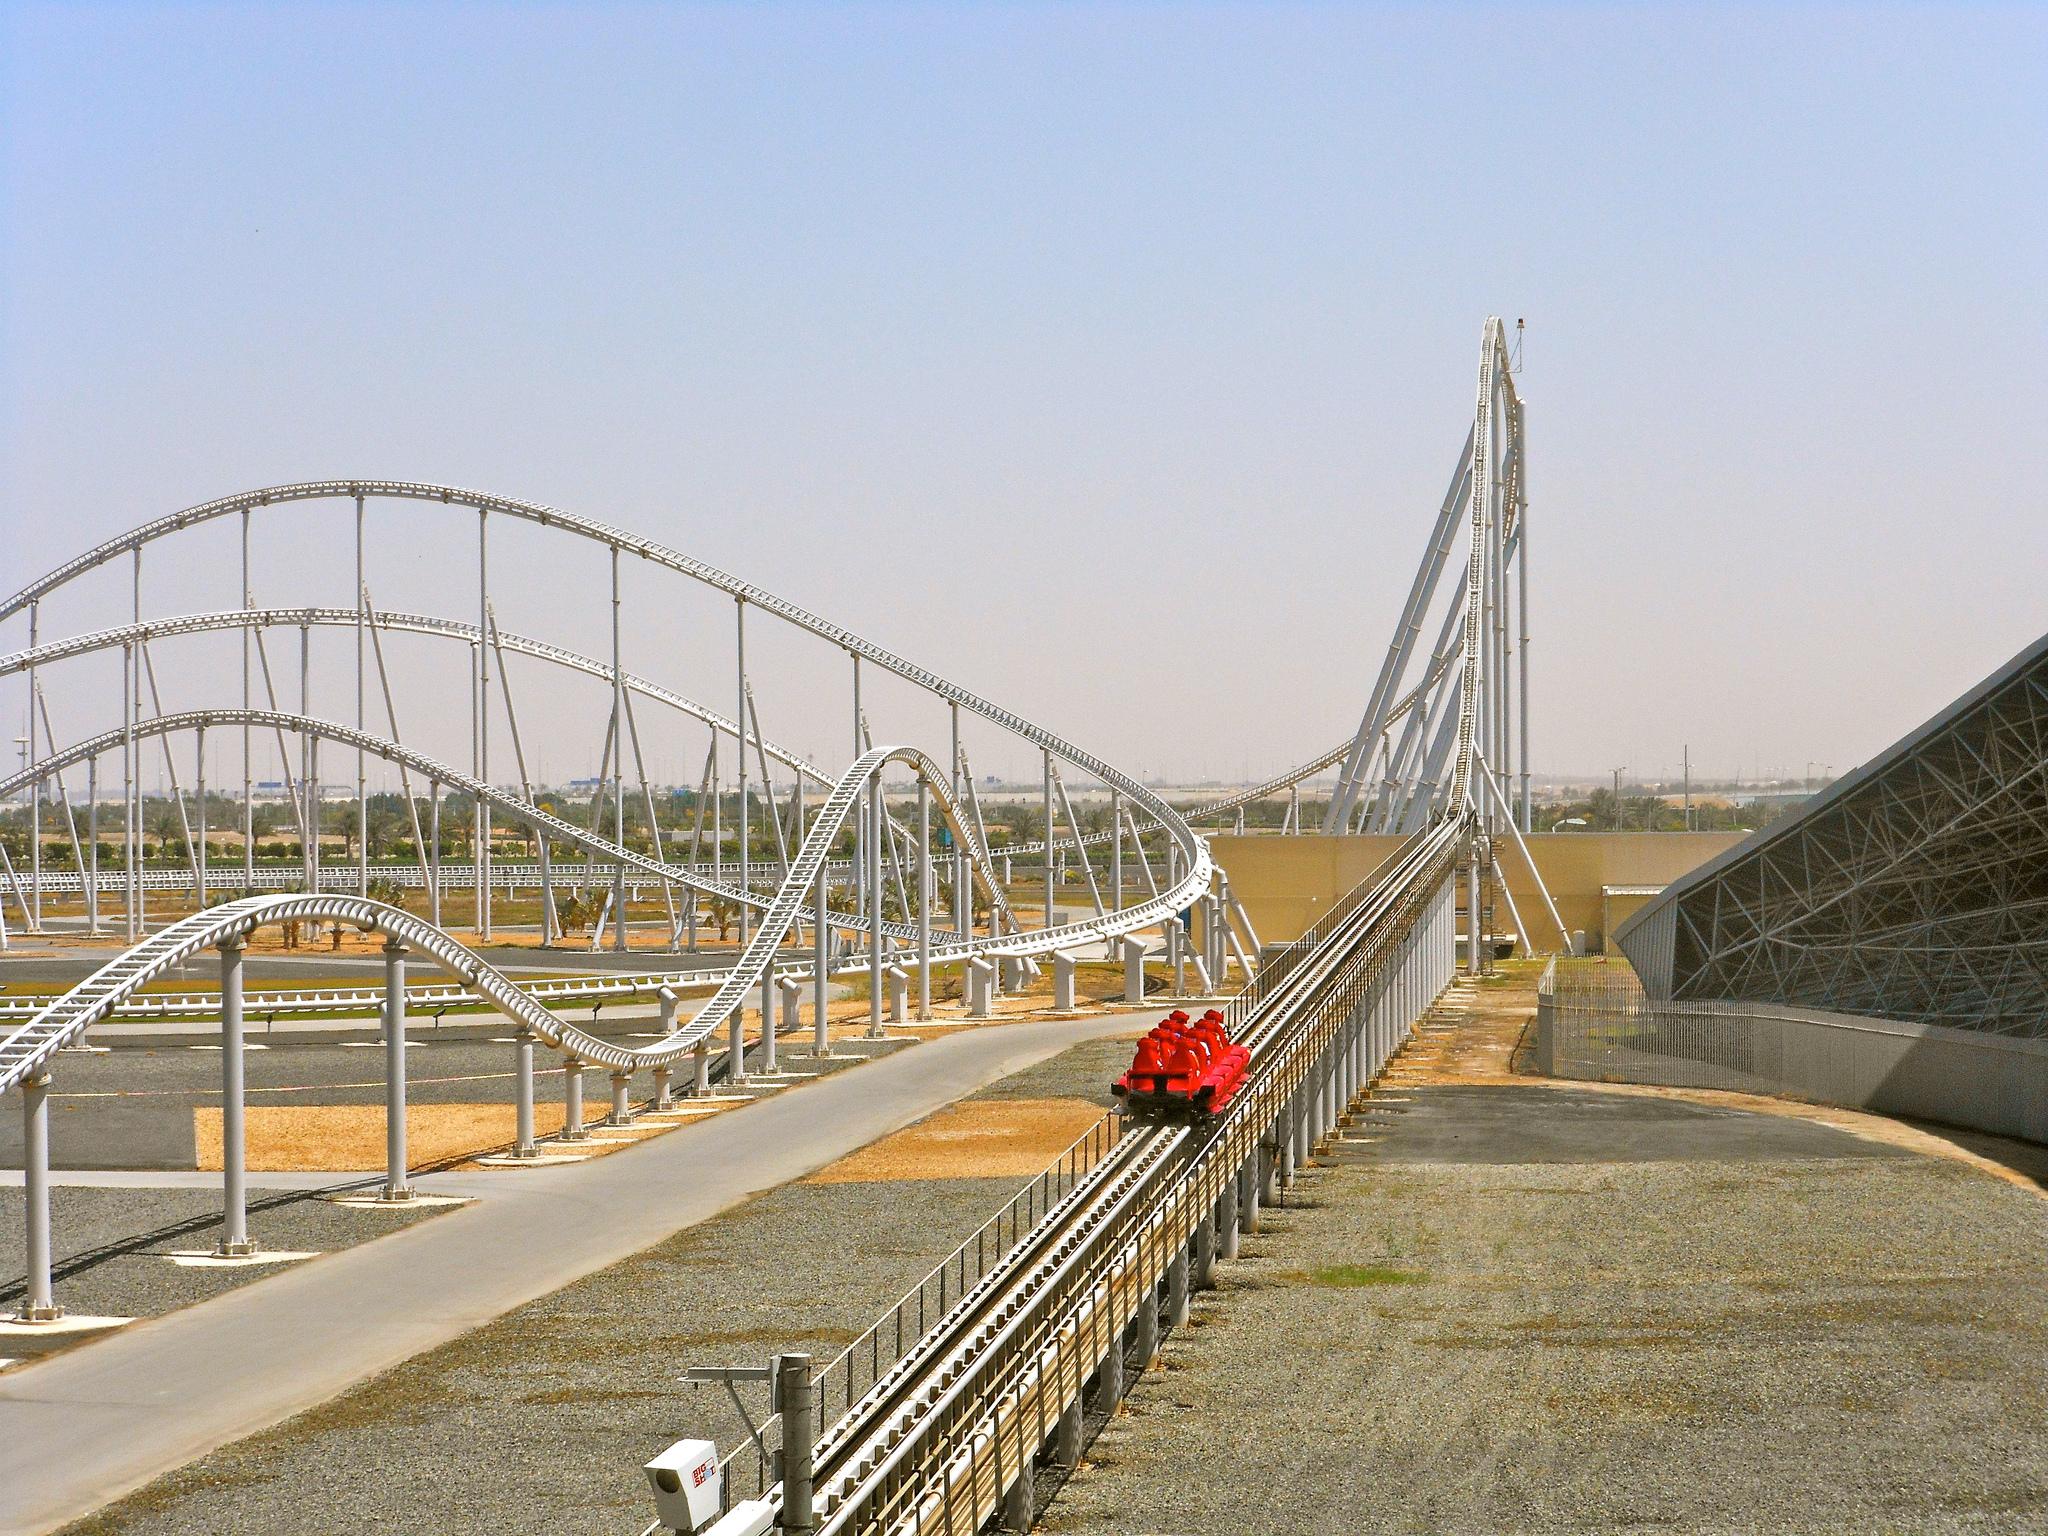 Formula Rossa in Abu Dhabi